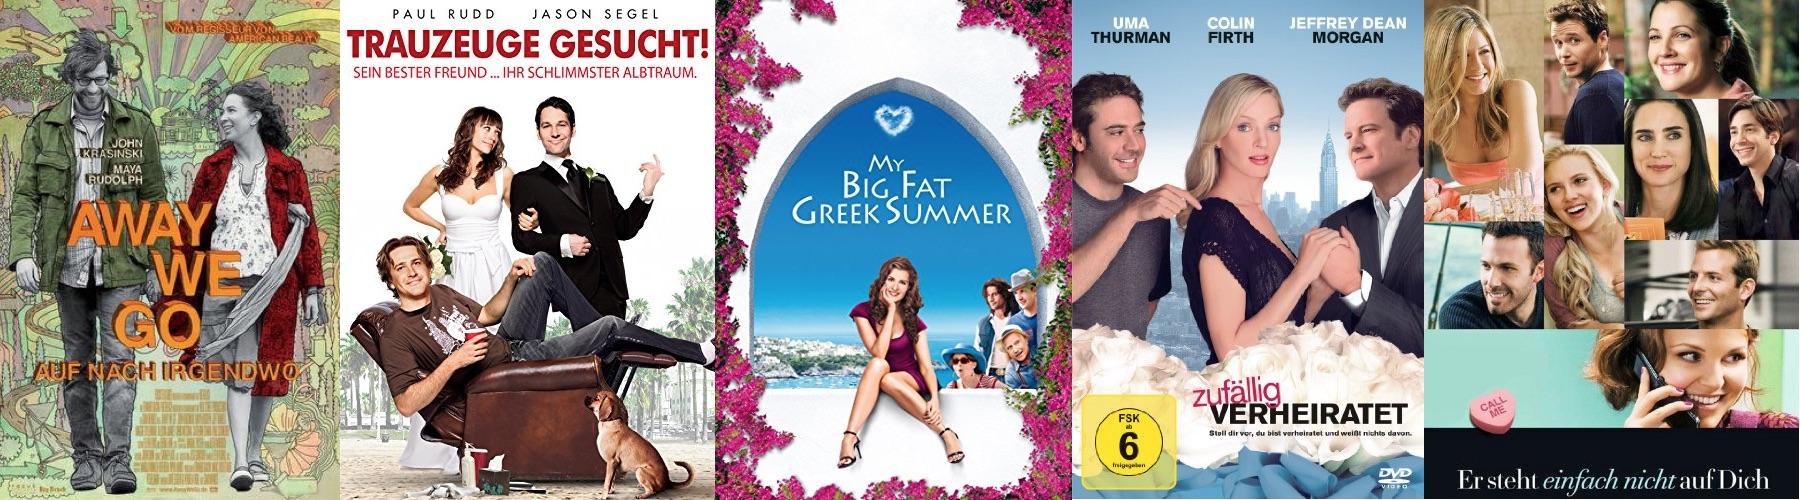 Die besten Liebeskomödien 2009 - Top 10